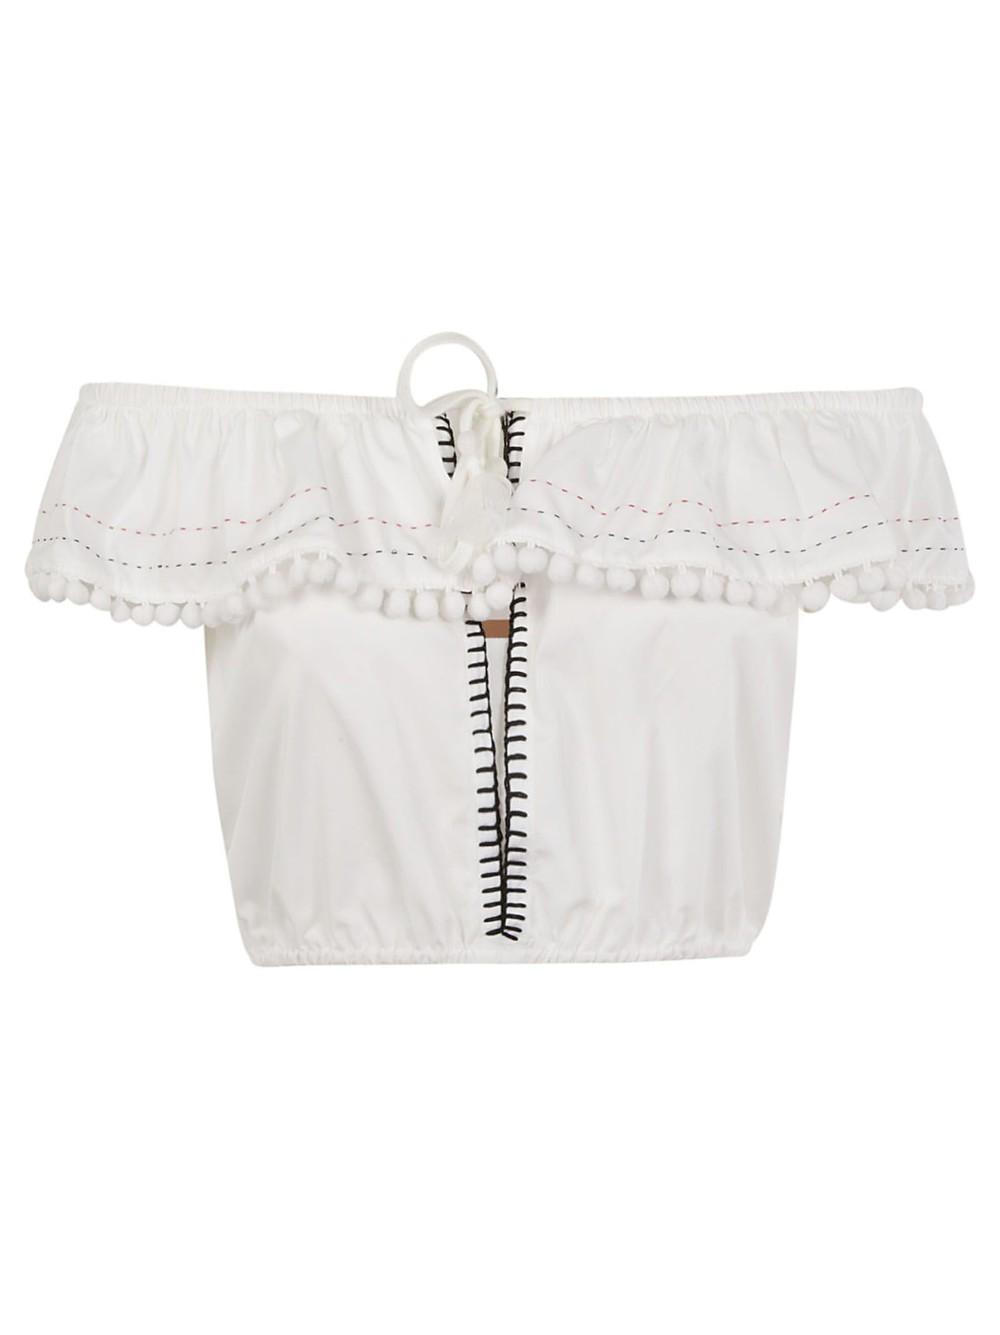 Miu Miu Cropped Top in white